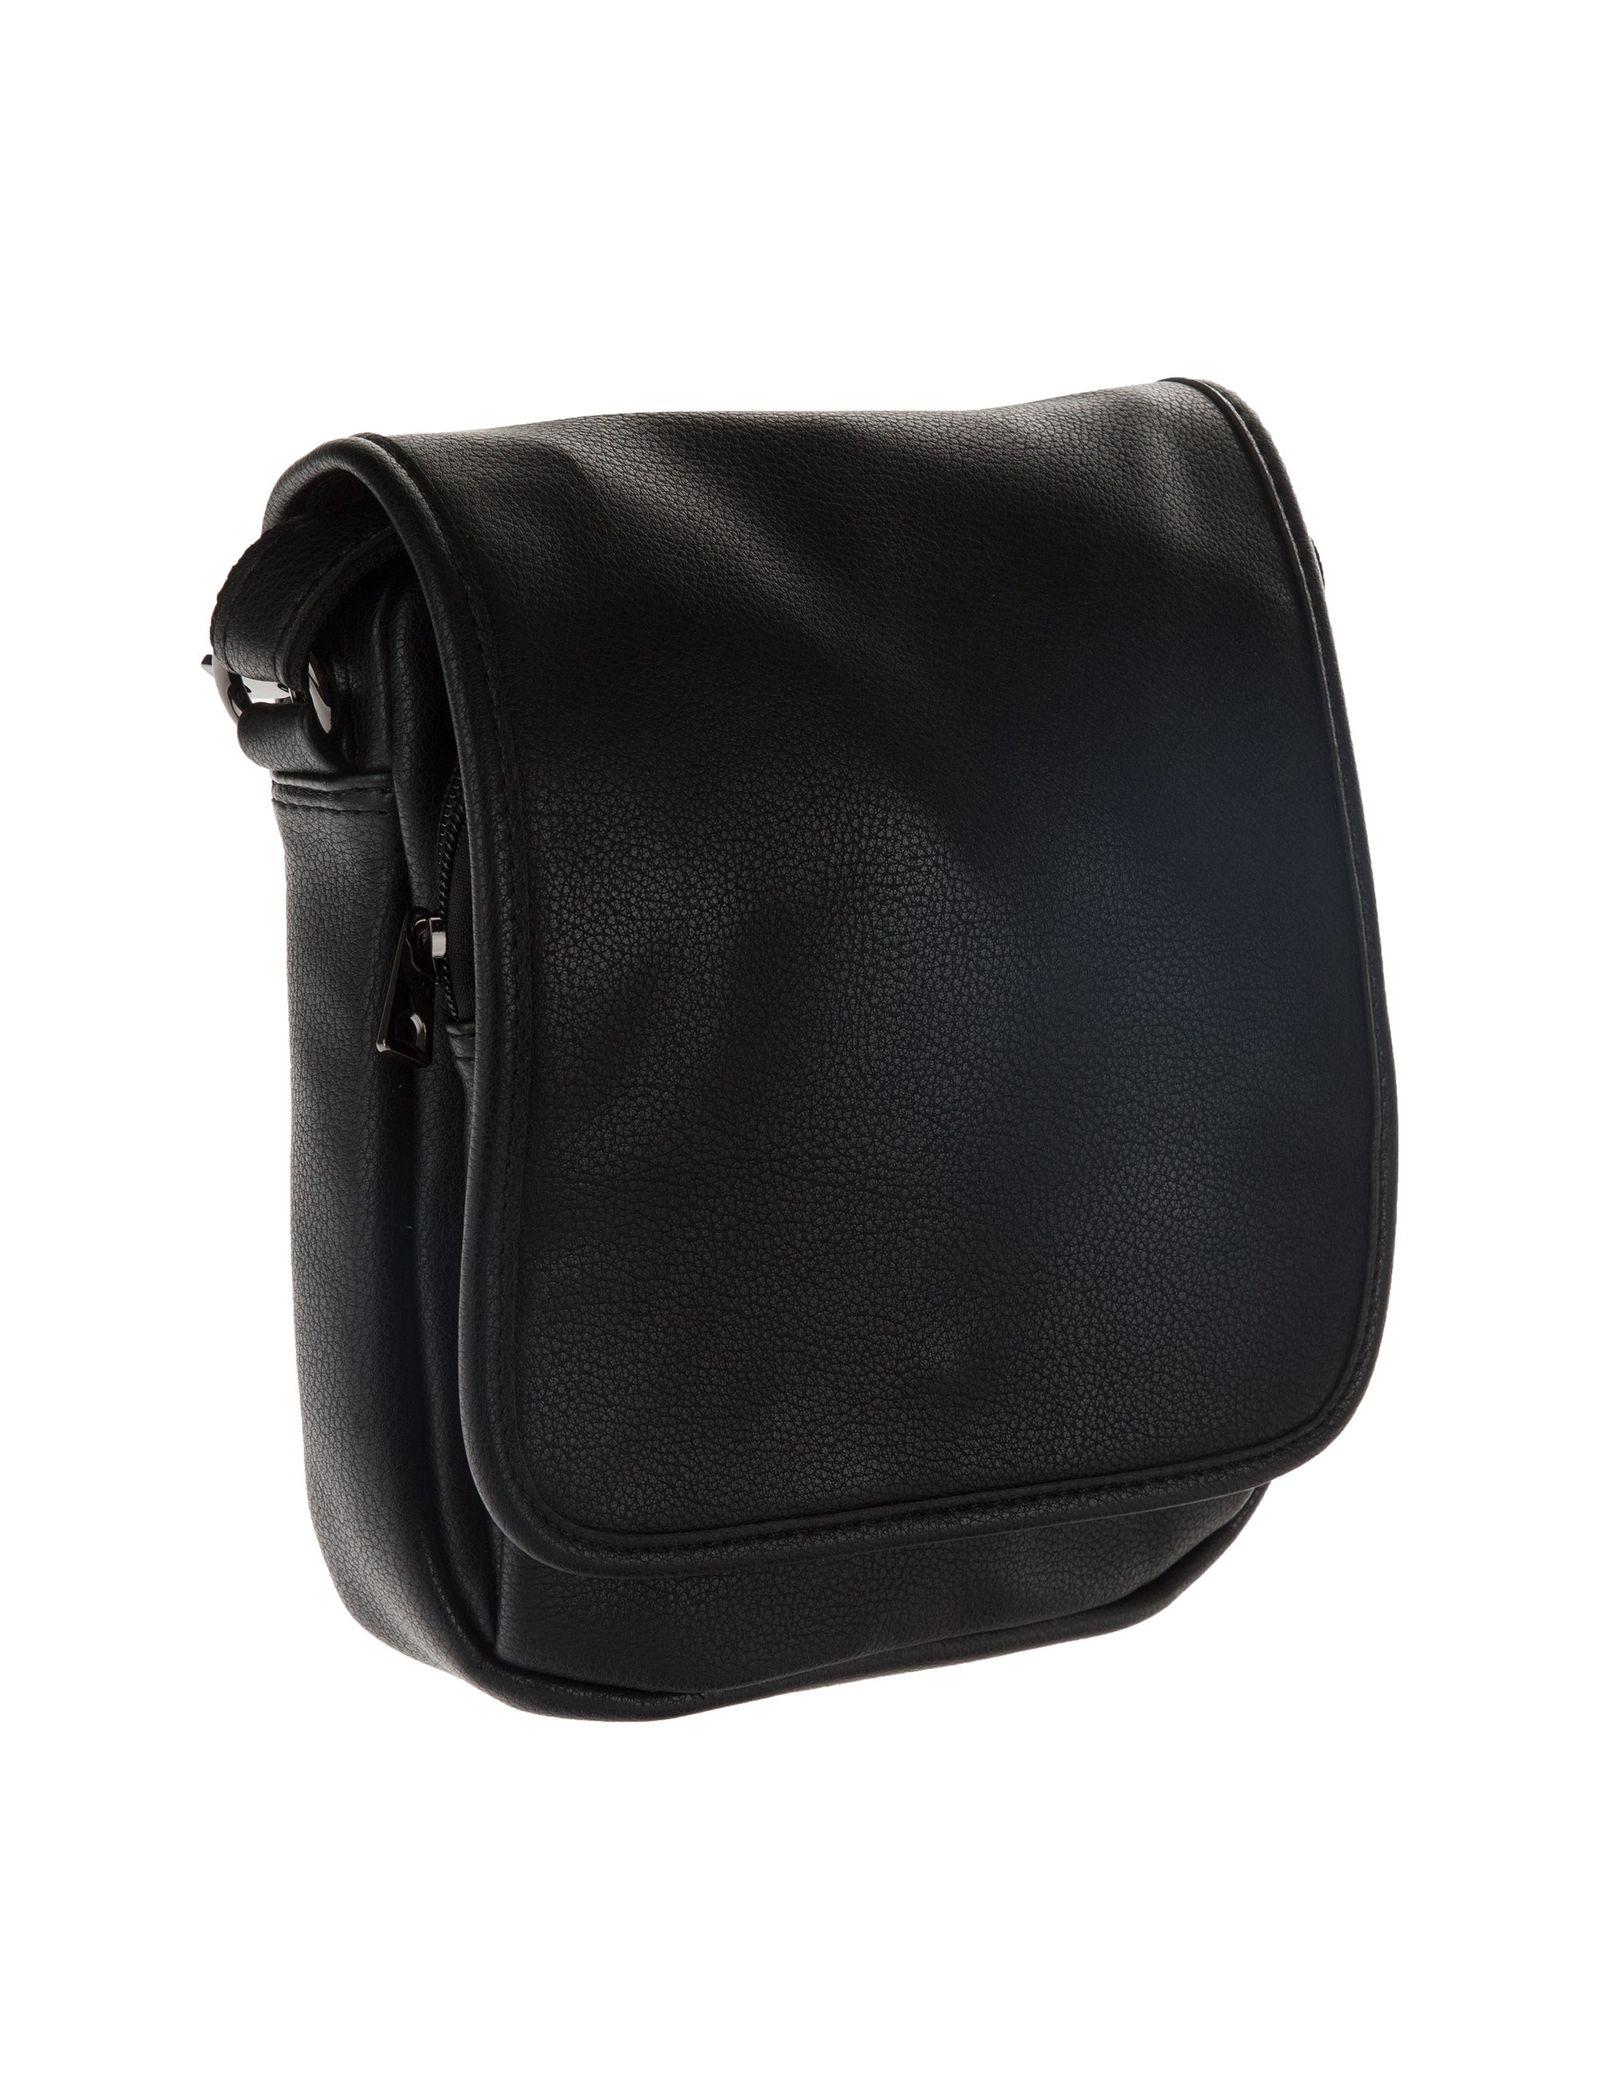 کیف دوشی زنانه - دادلین -  - 4